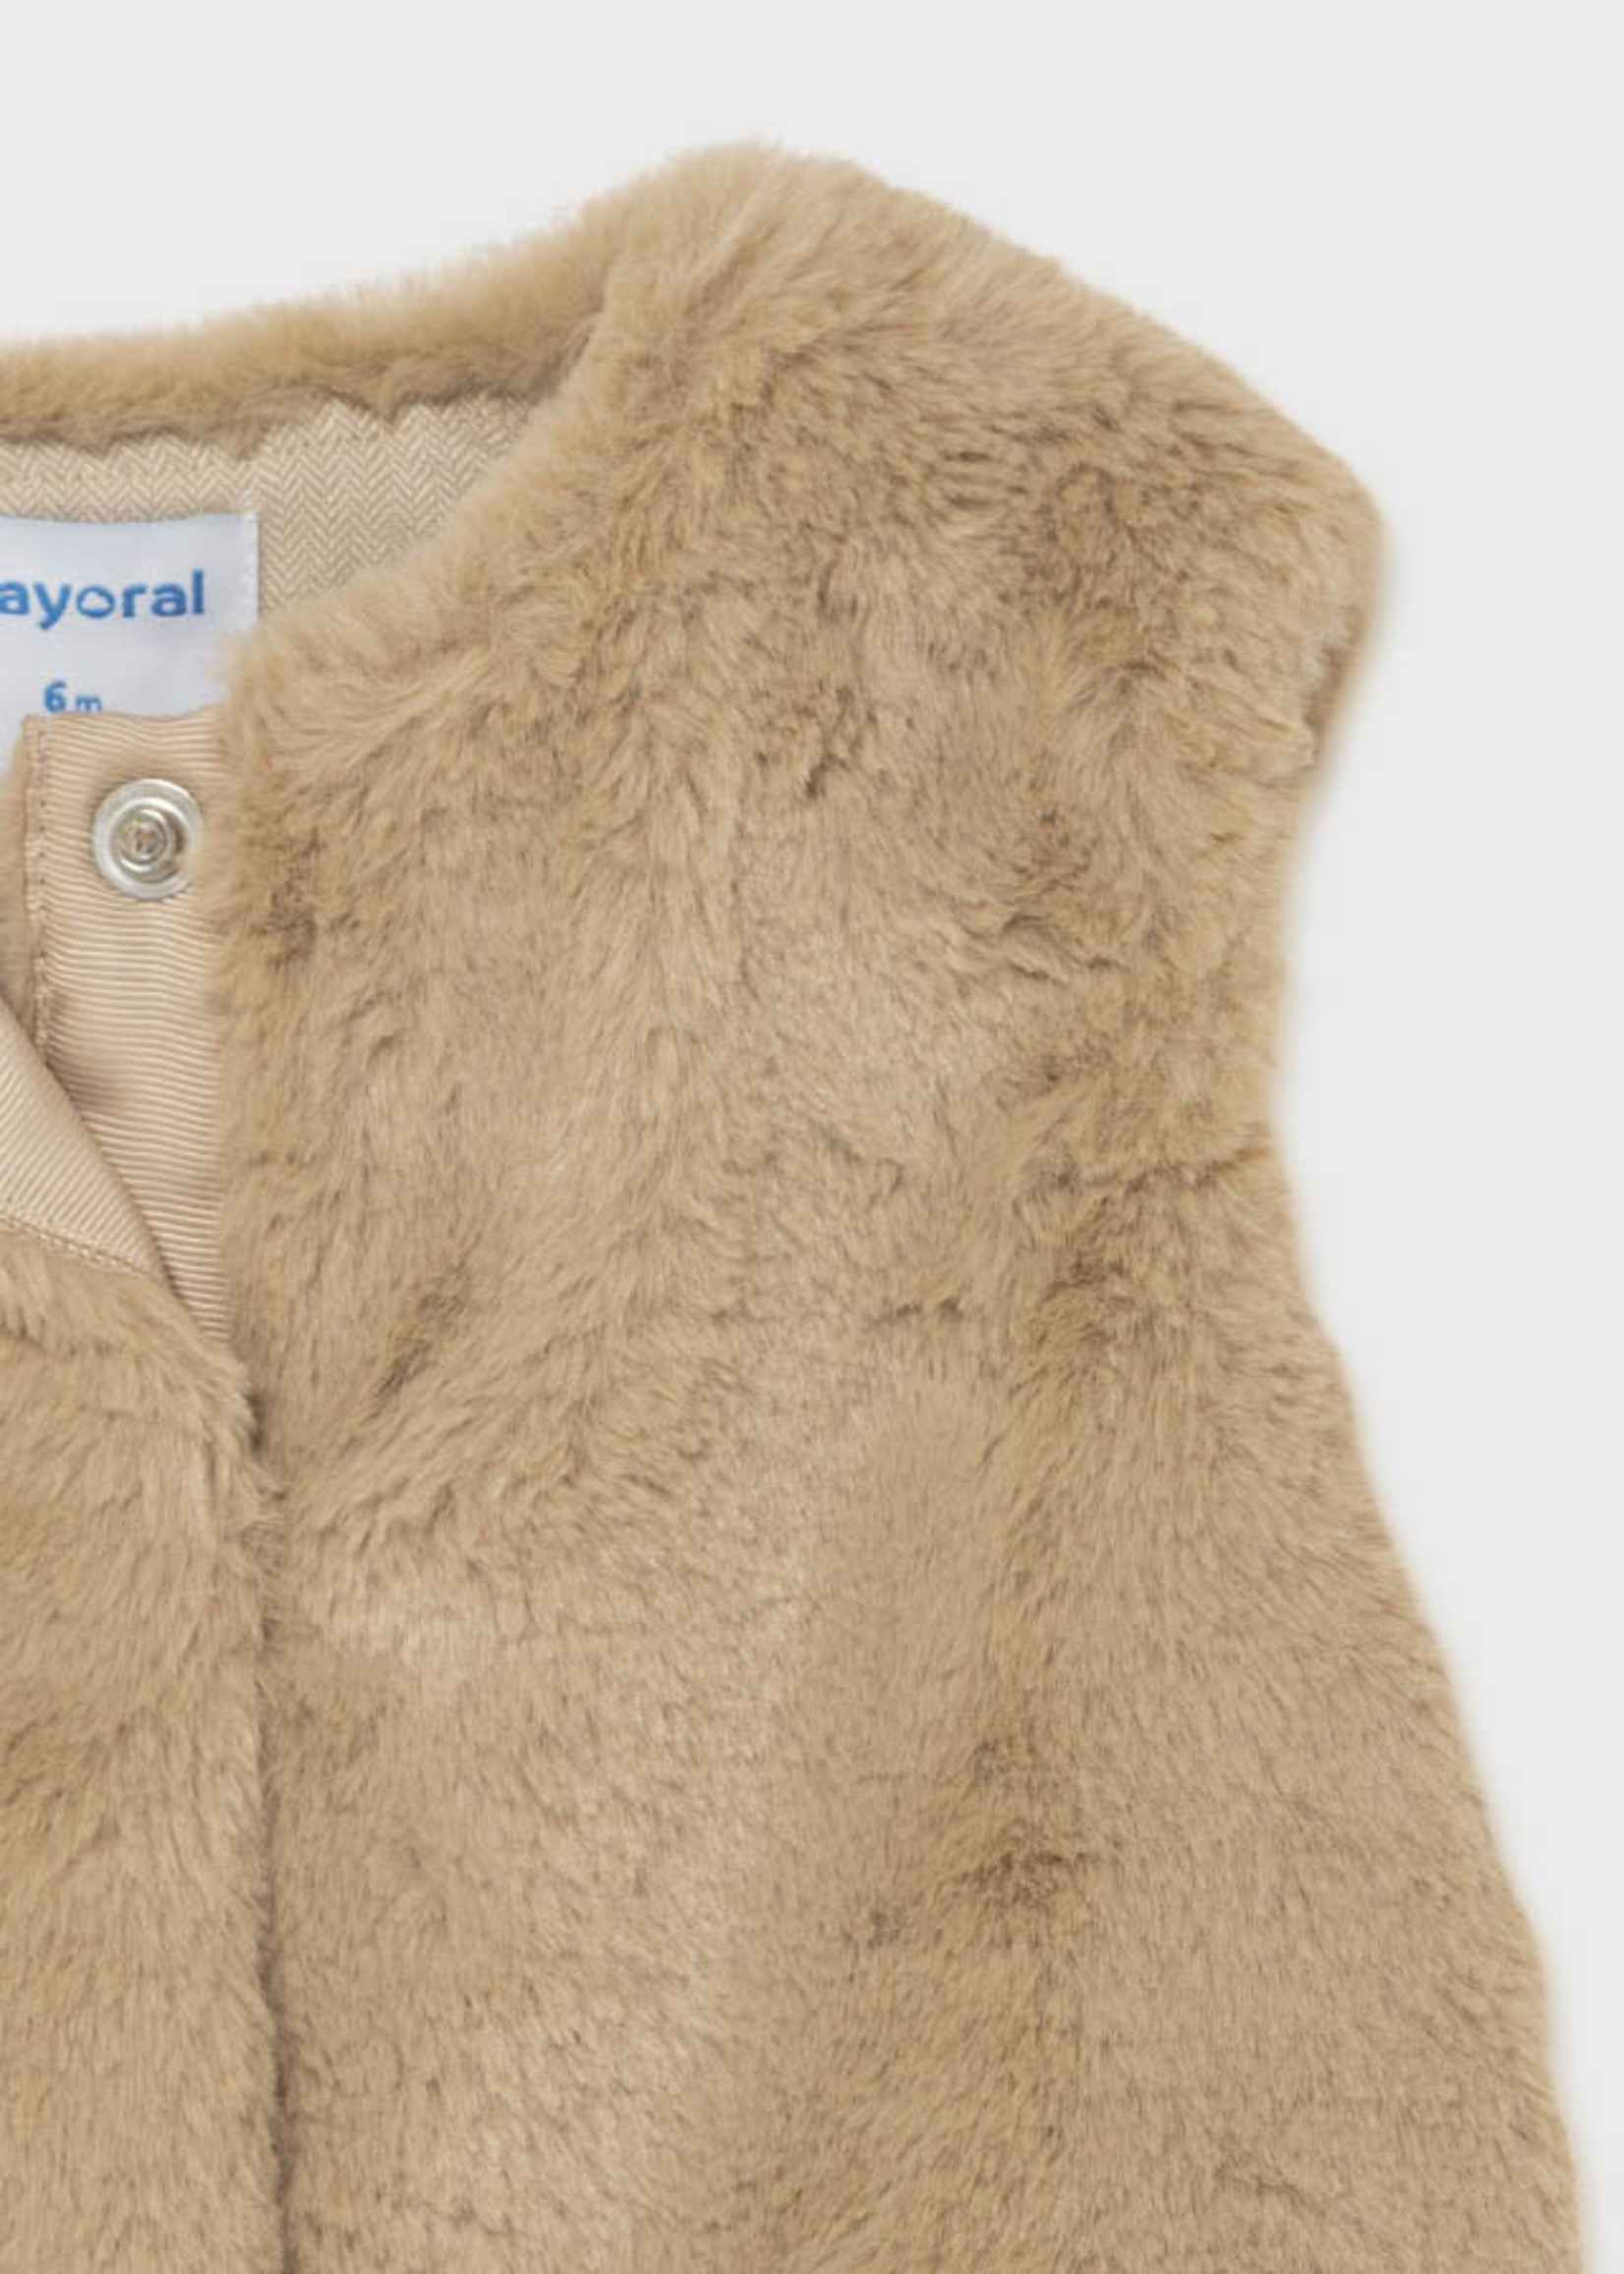 Mayoral Mayoral faux fur vest beige